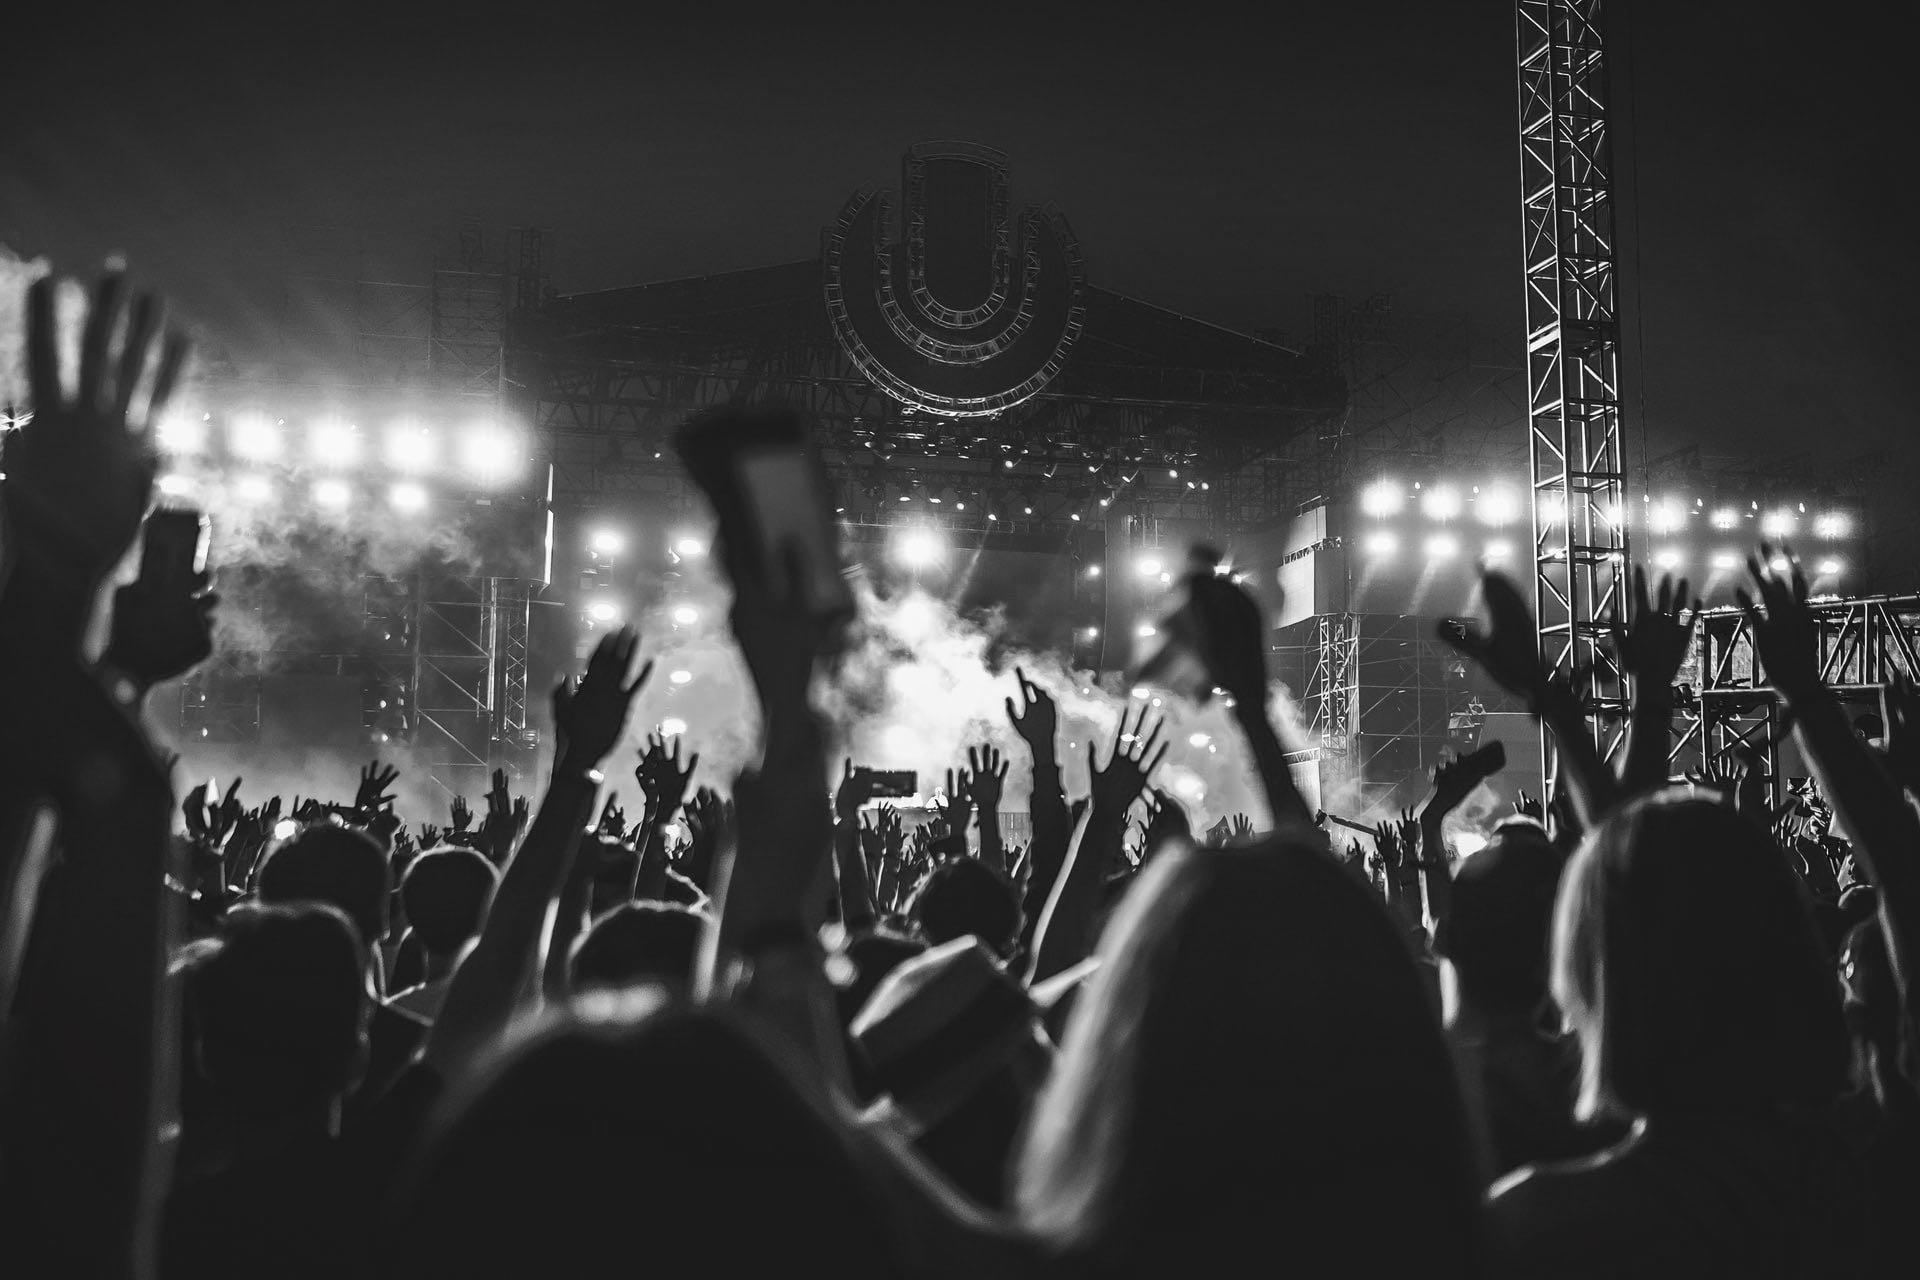 festiwale muzyczne 2021